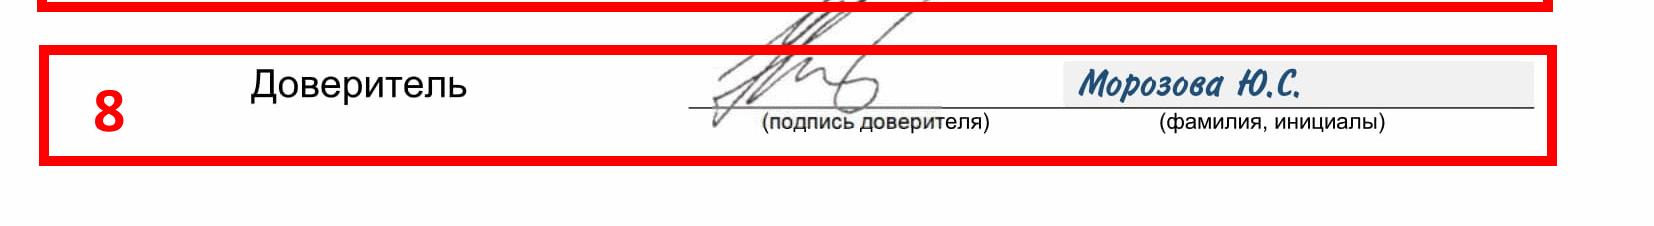 Подпись доверителя